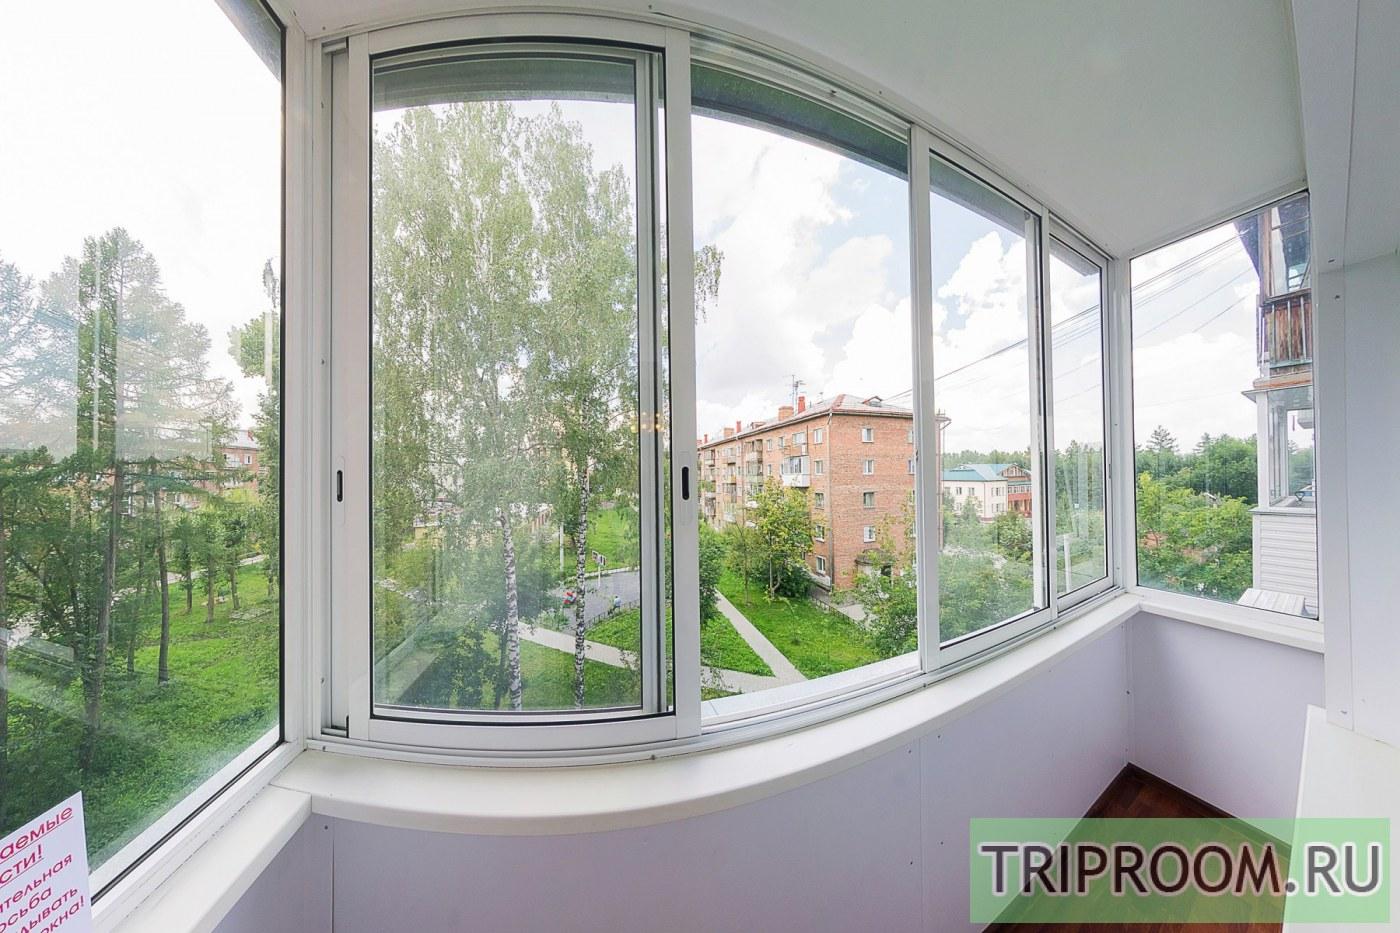 1-комнатная квартира посуточно (вариант № 39190), ул. Ватутина улица, фото № 8